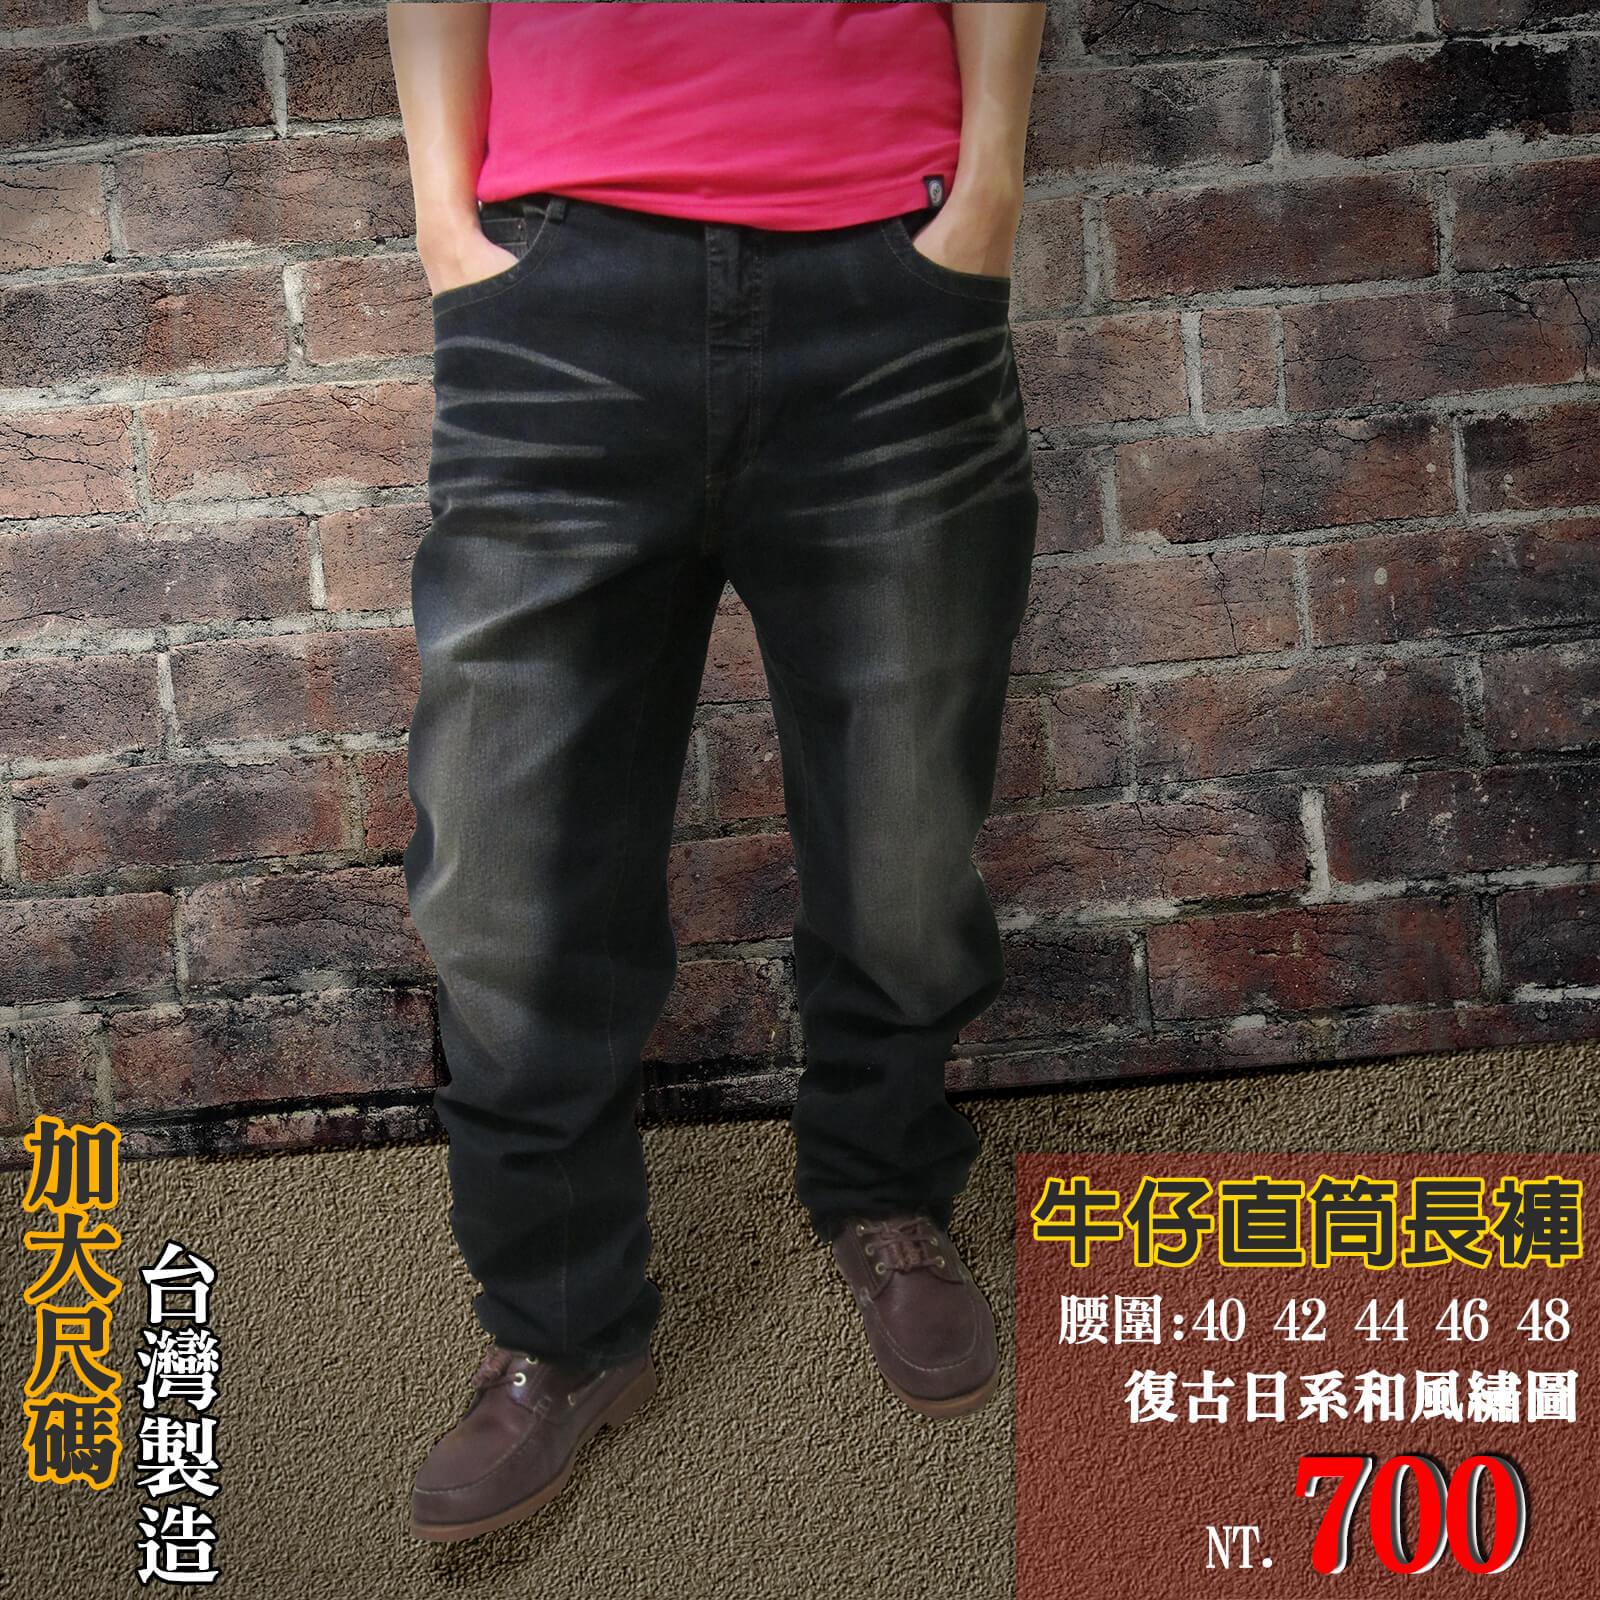 sun-e加大尺碼台灣製造復古.後口袋日系和風繡圖牛仔直筒長褲、加大尺碼黑色牛仔褲、加大尺碼牛仔長褲、加大尺碼單寧長褲、加大尺碼褲子、(390-1388-37) 腰圍:40 42 44 46 48(英吋) 0